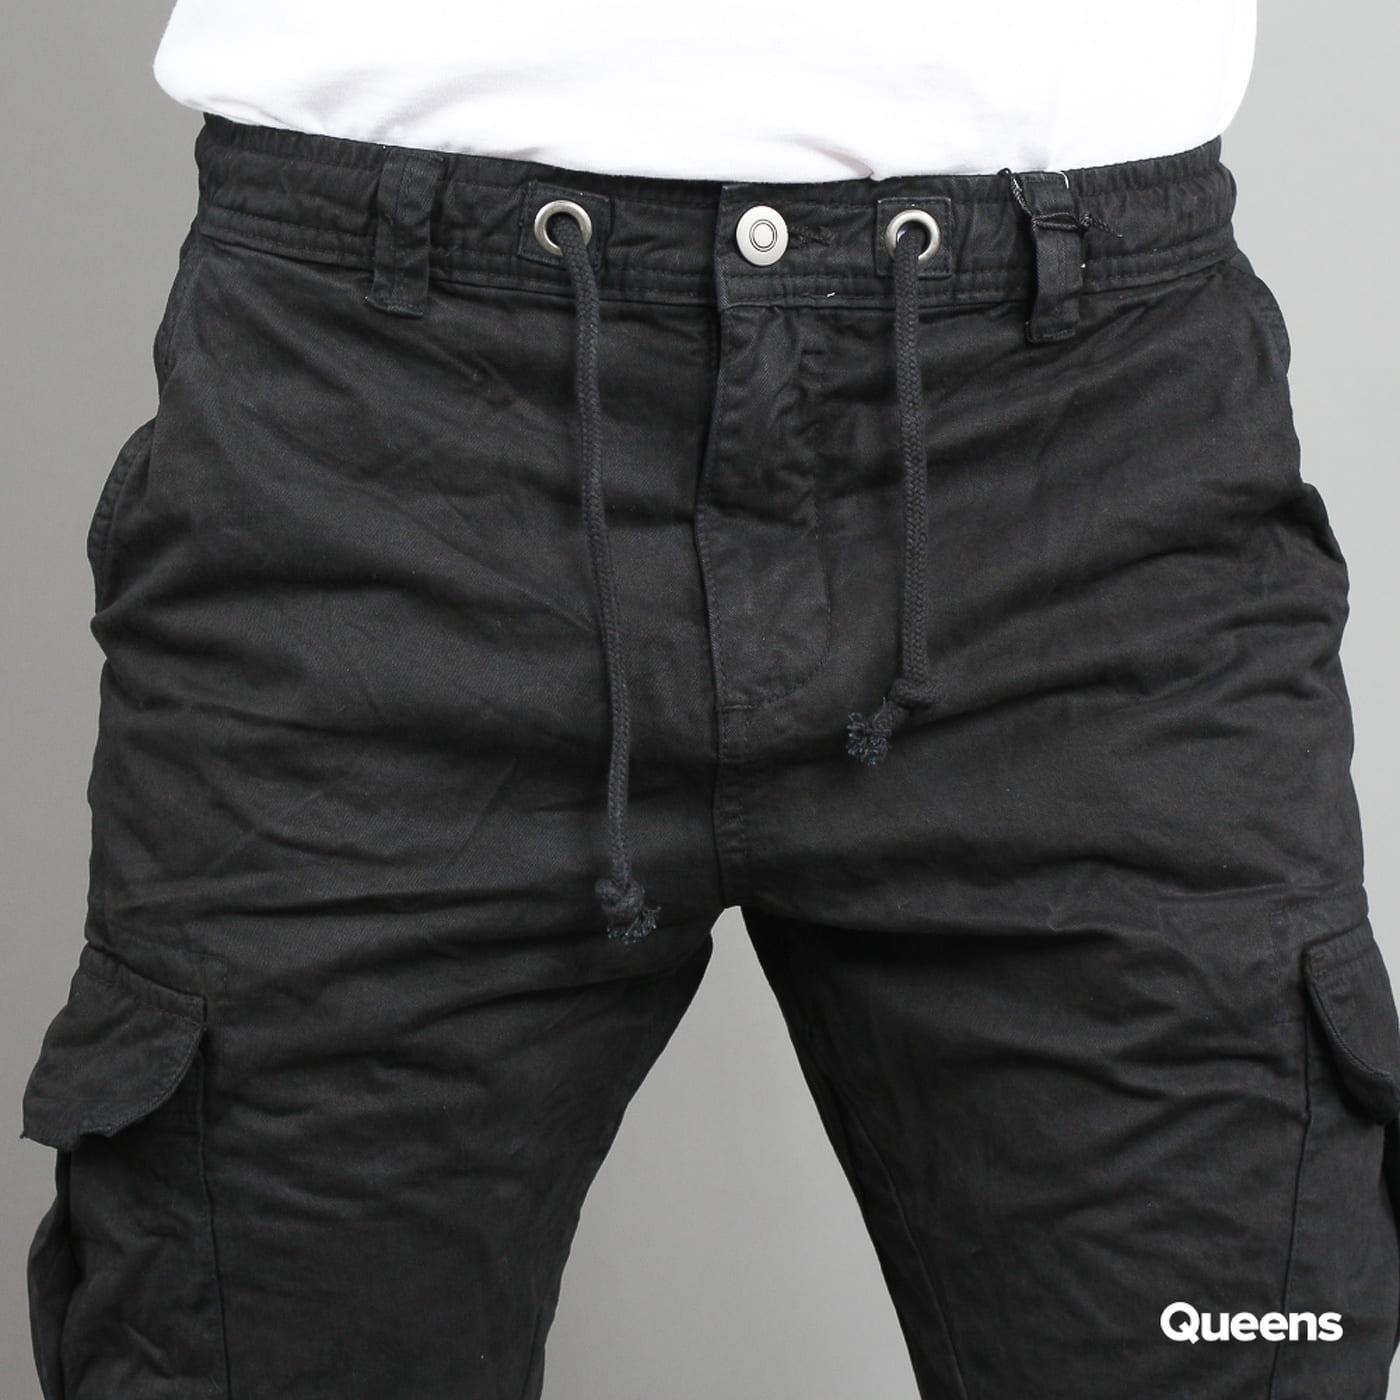 neue bilder von neue Kollektion exquisite handwerkskunst Urban Classics Cargo Jogging Pants black